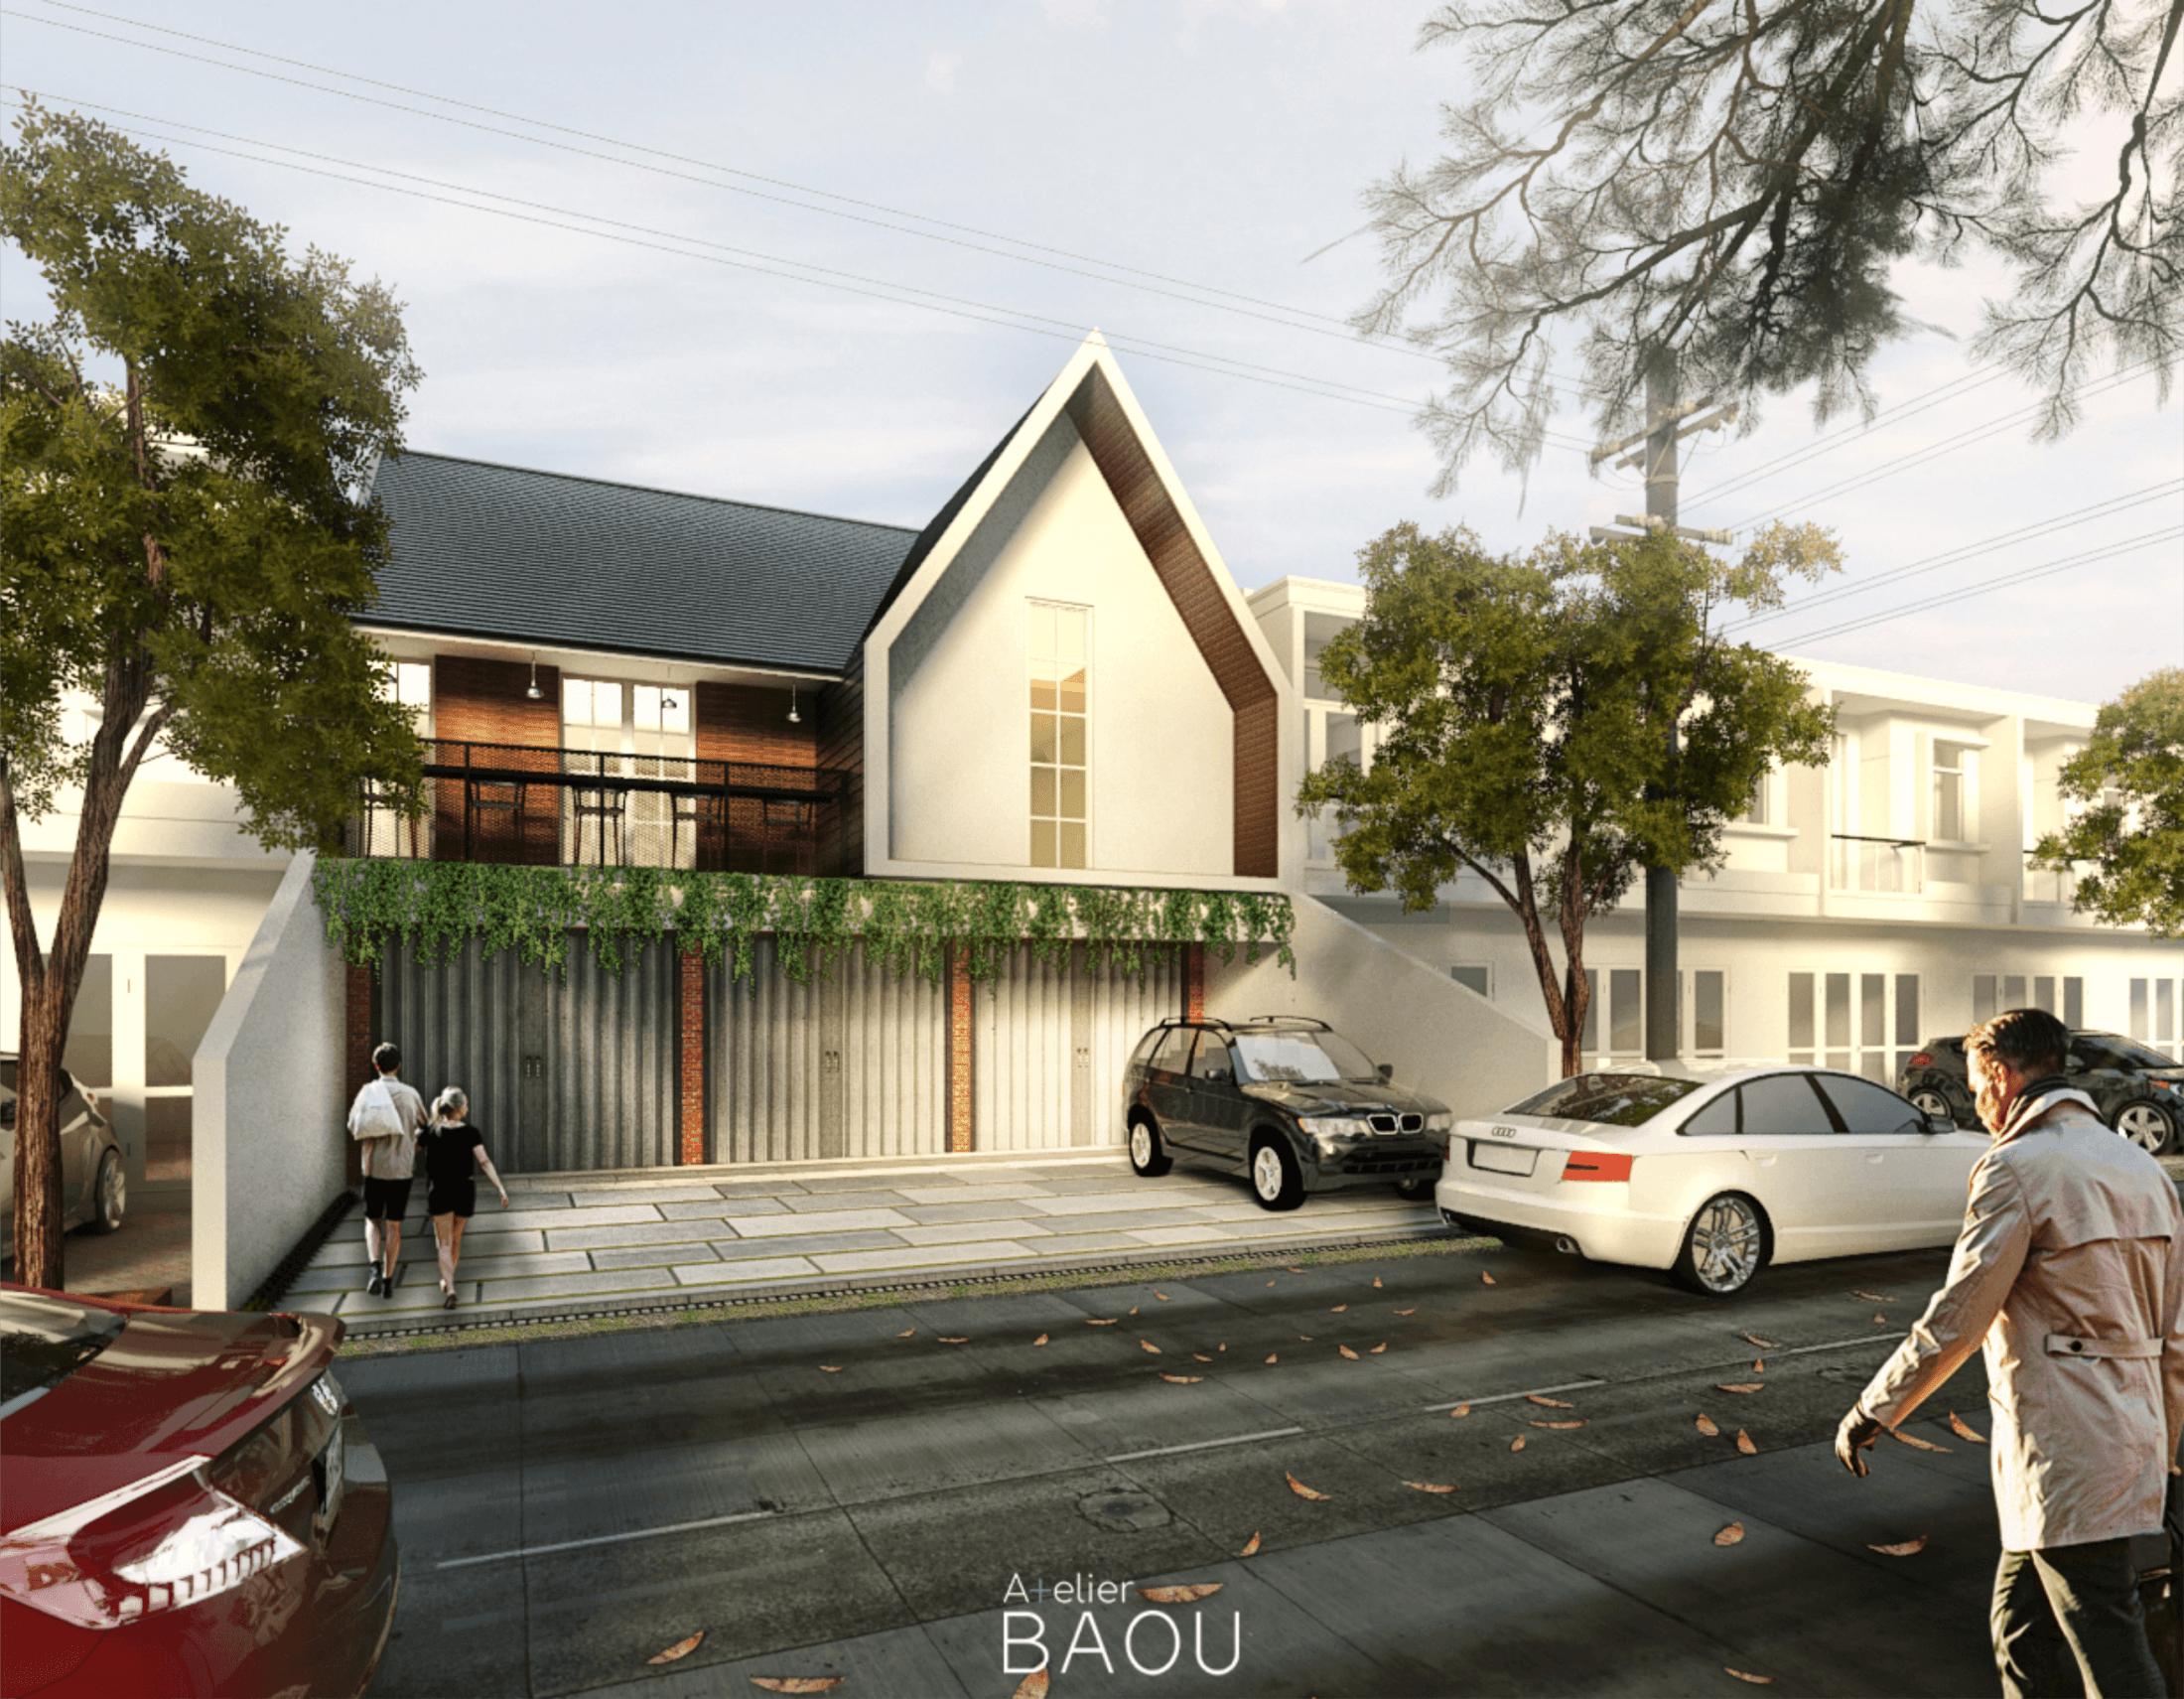 Atelier Baou Cwd House Ciwidey, Kec. Ciwidey, Bandung, Jawa Barat, Indonesia Ciwidey, Kec. Ciwidey, Bandung, Jawa Barat, Indonesia Atelier-Baou-Cwd-House  86412